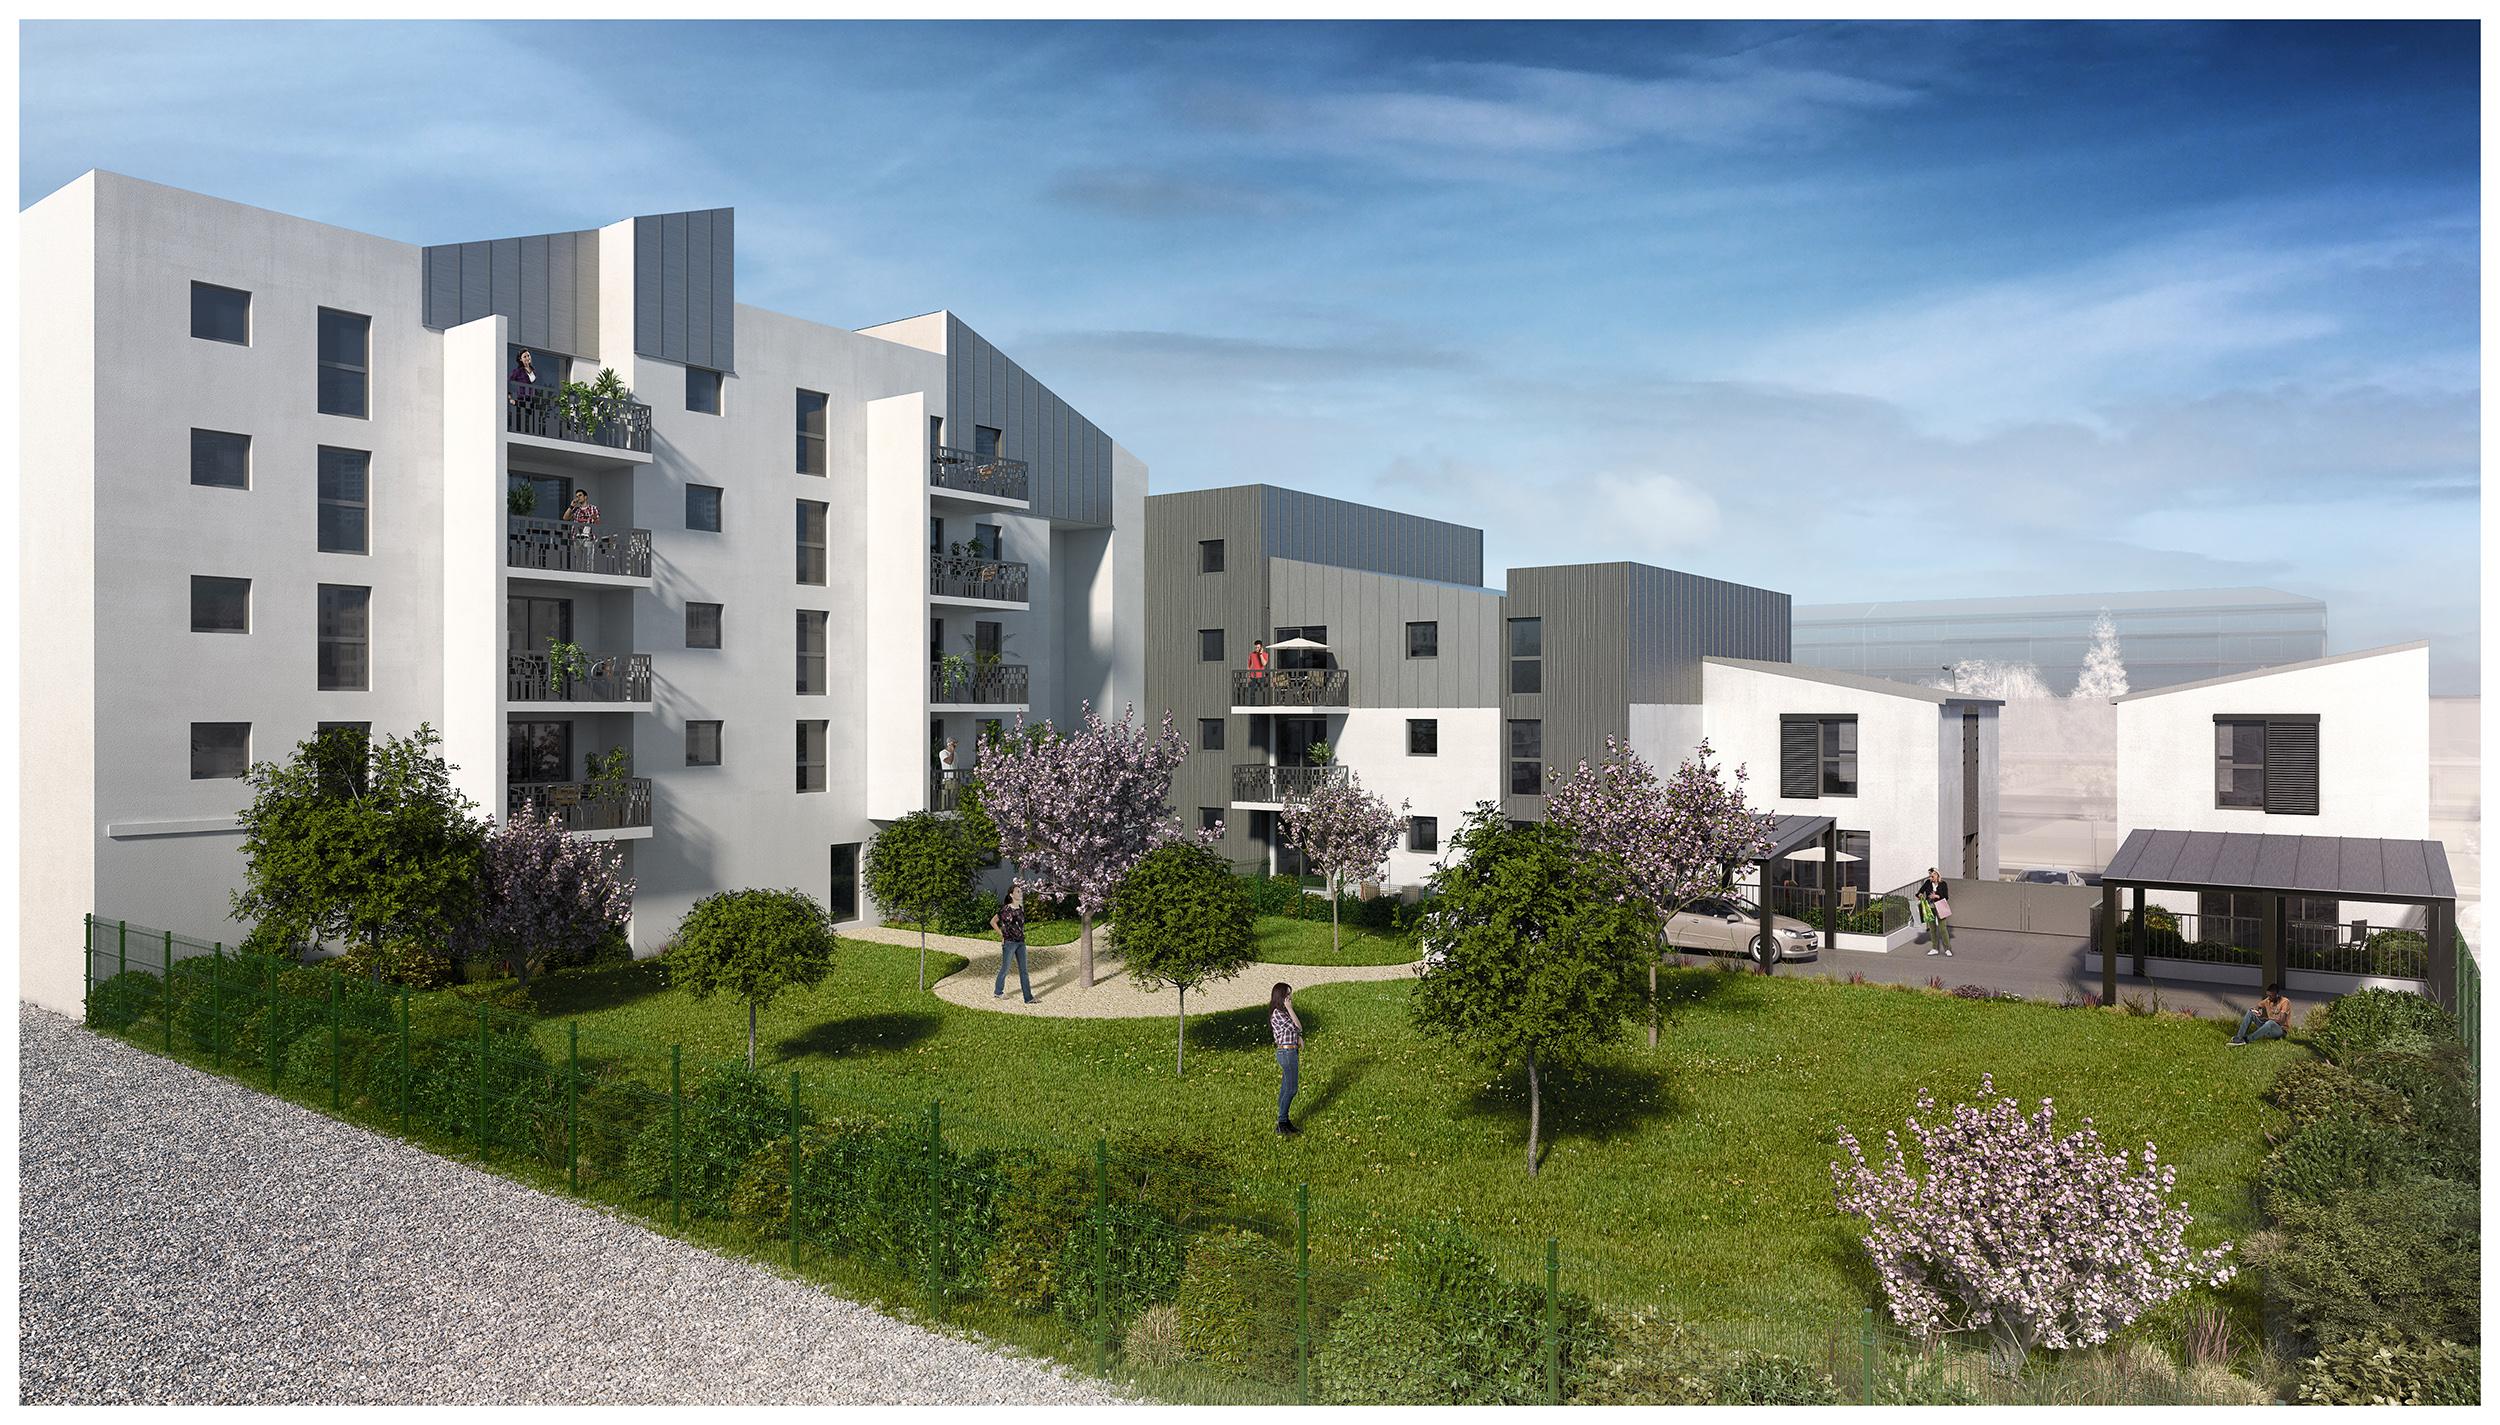 Dripmoon-archvis-graphiste3D-architecture-images-3D-Luxembourg (4)